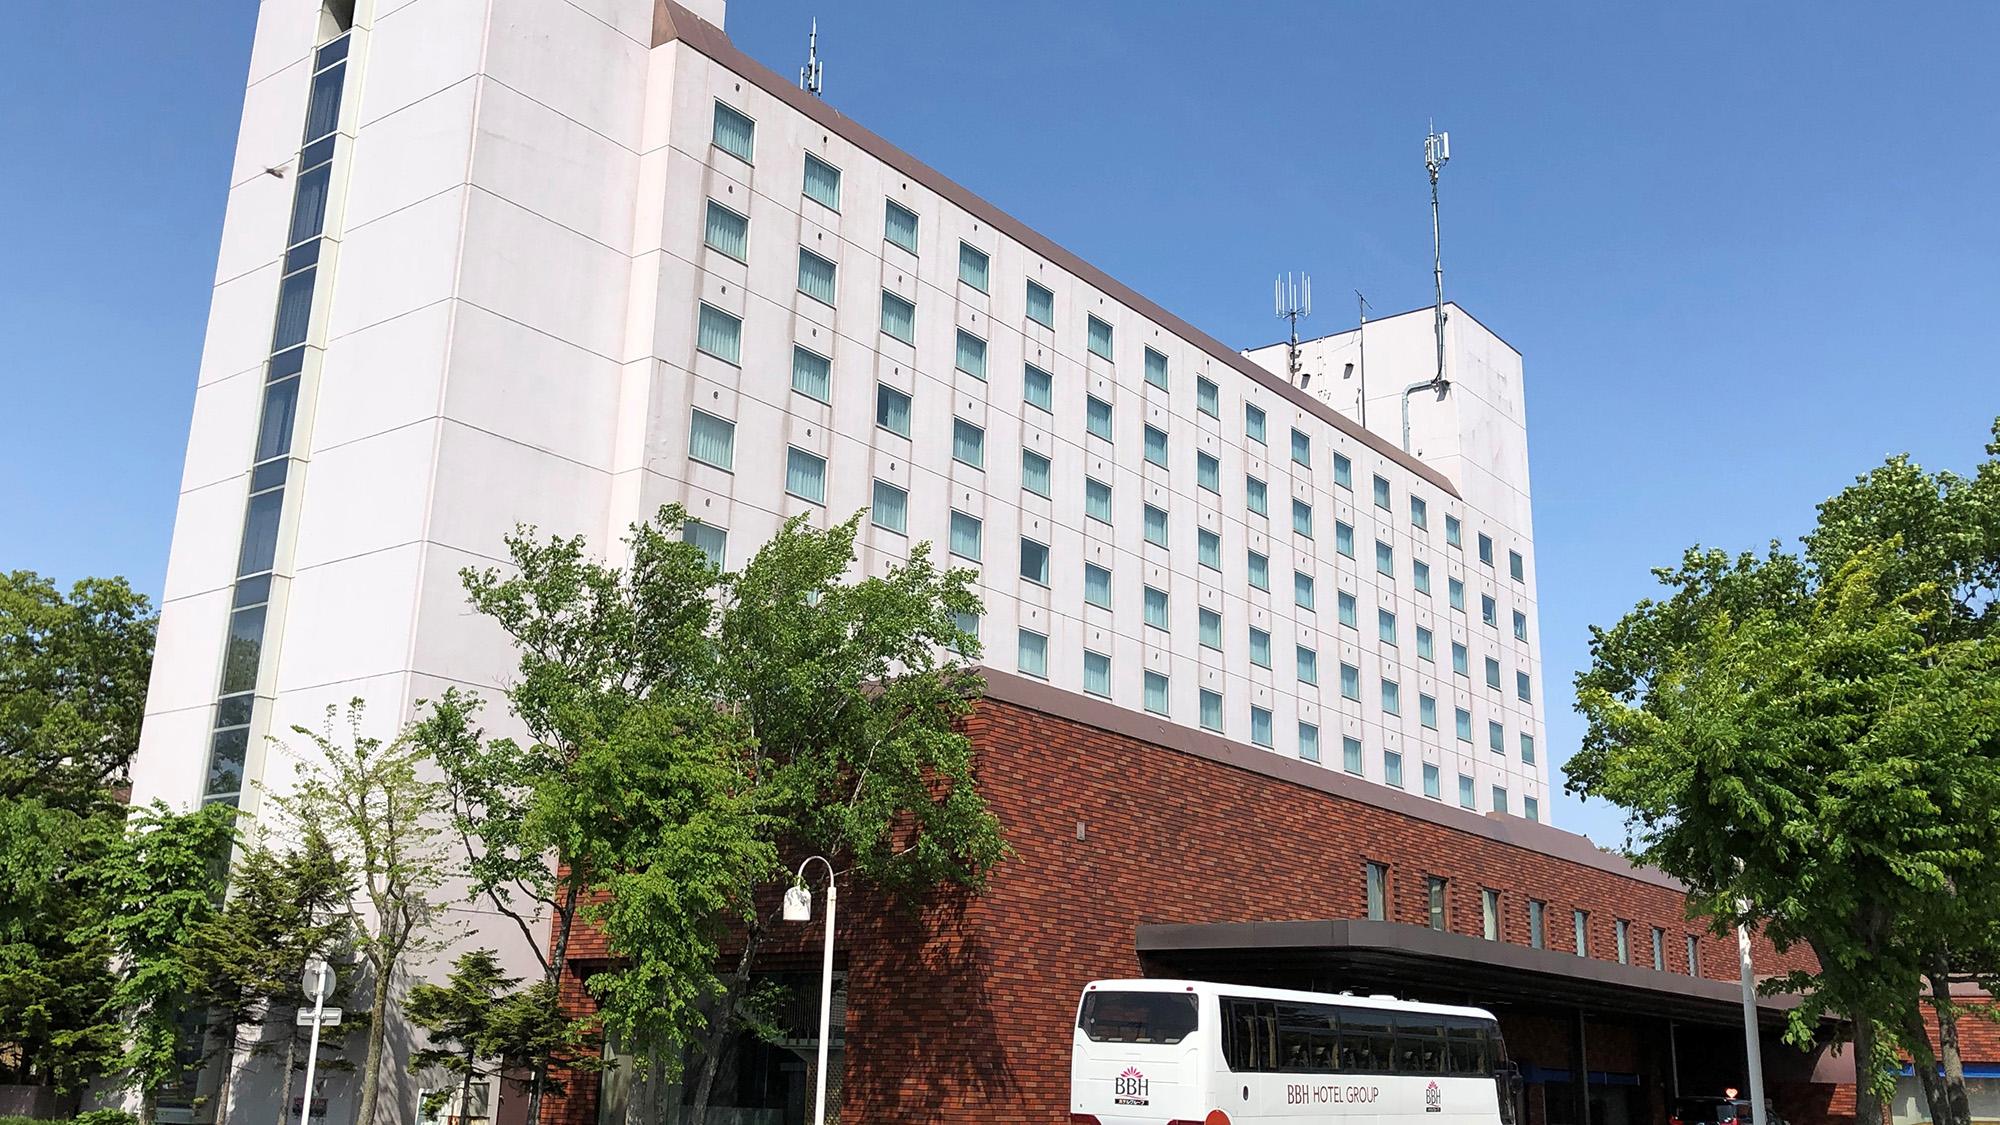 ホテルグランテラス千歳 (旧ホテル日航千歳)